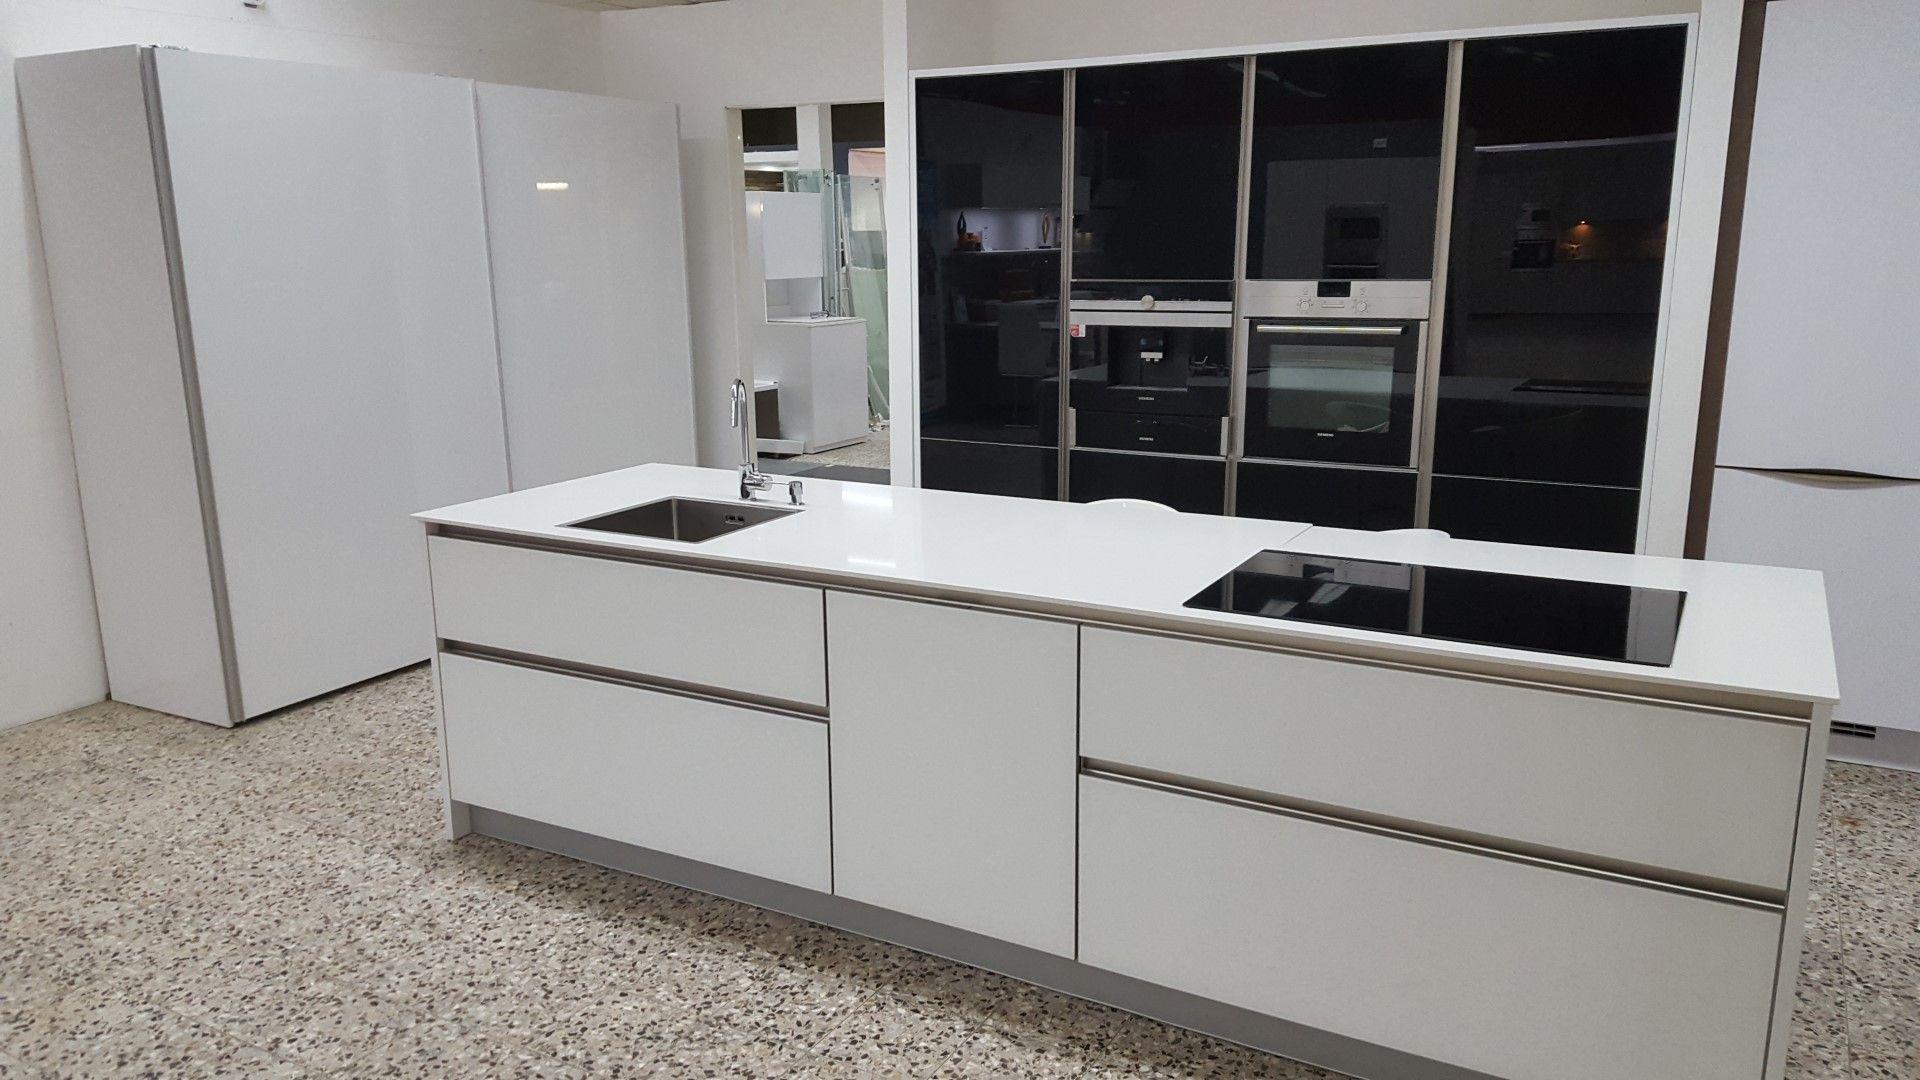 Keukenprijs altijd de beste keukenprijs glas keuken 58794 - Keuken glas werkplaats ...